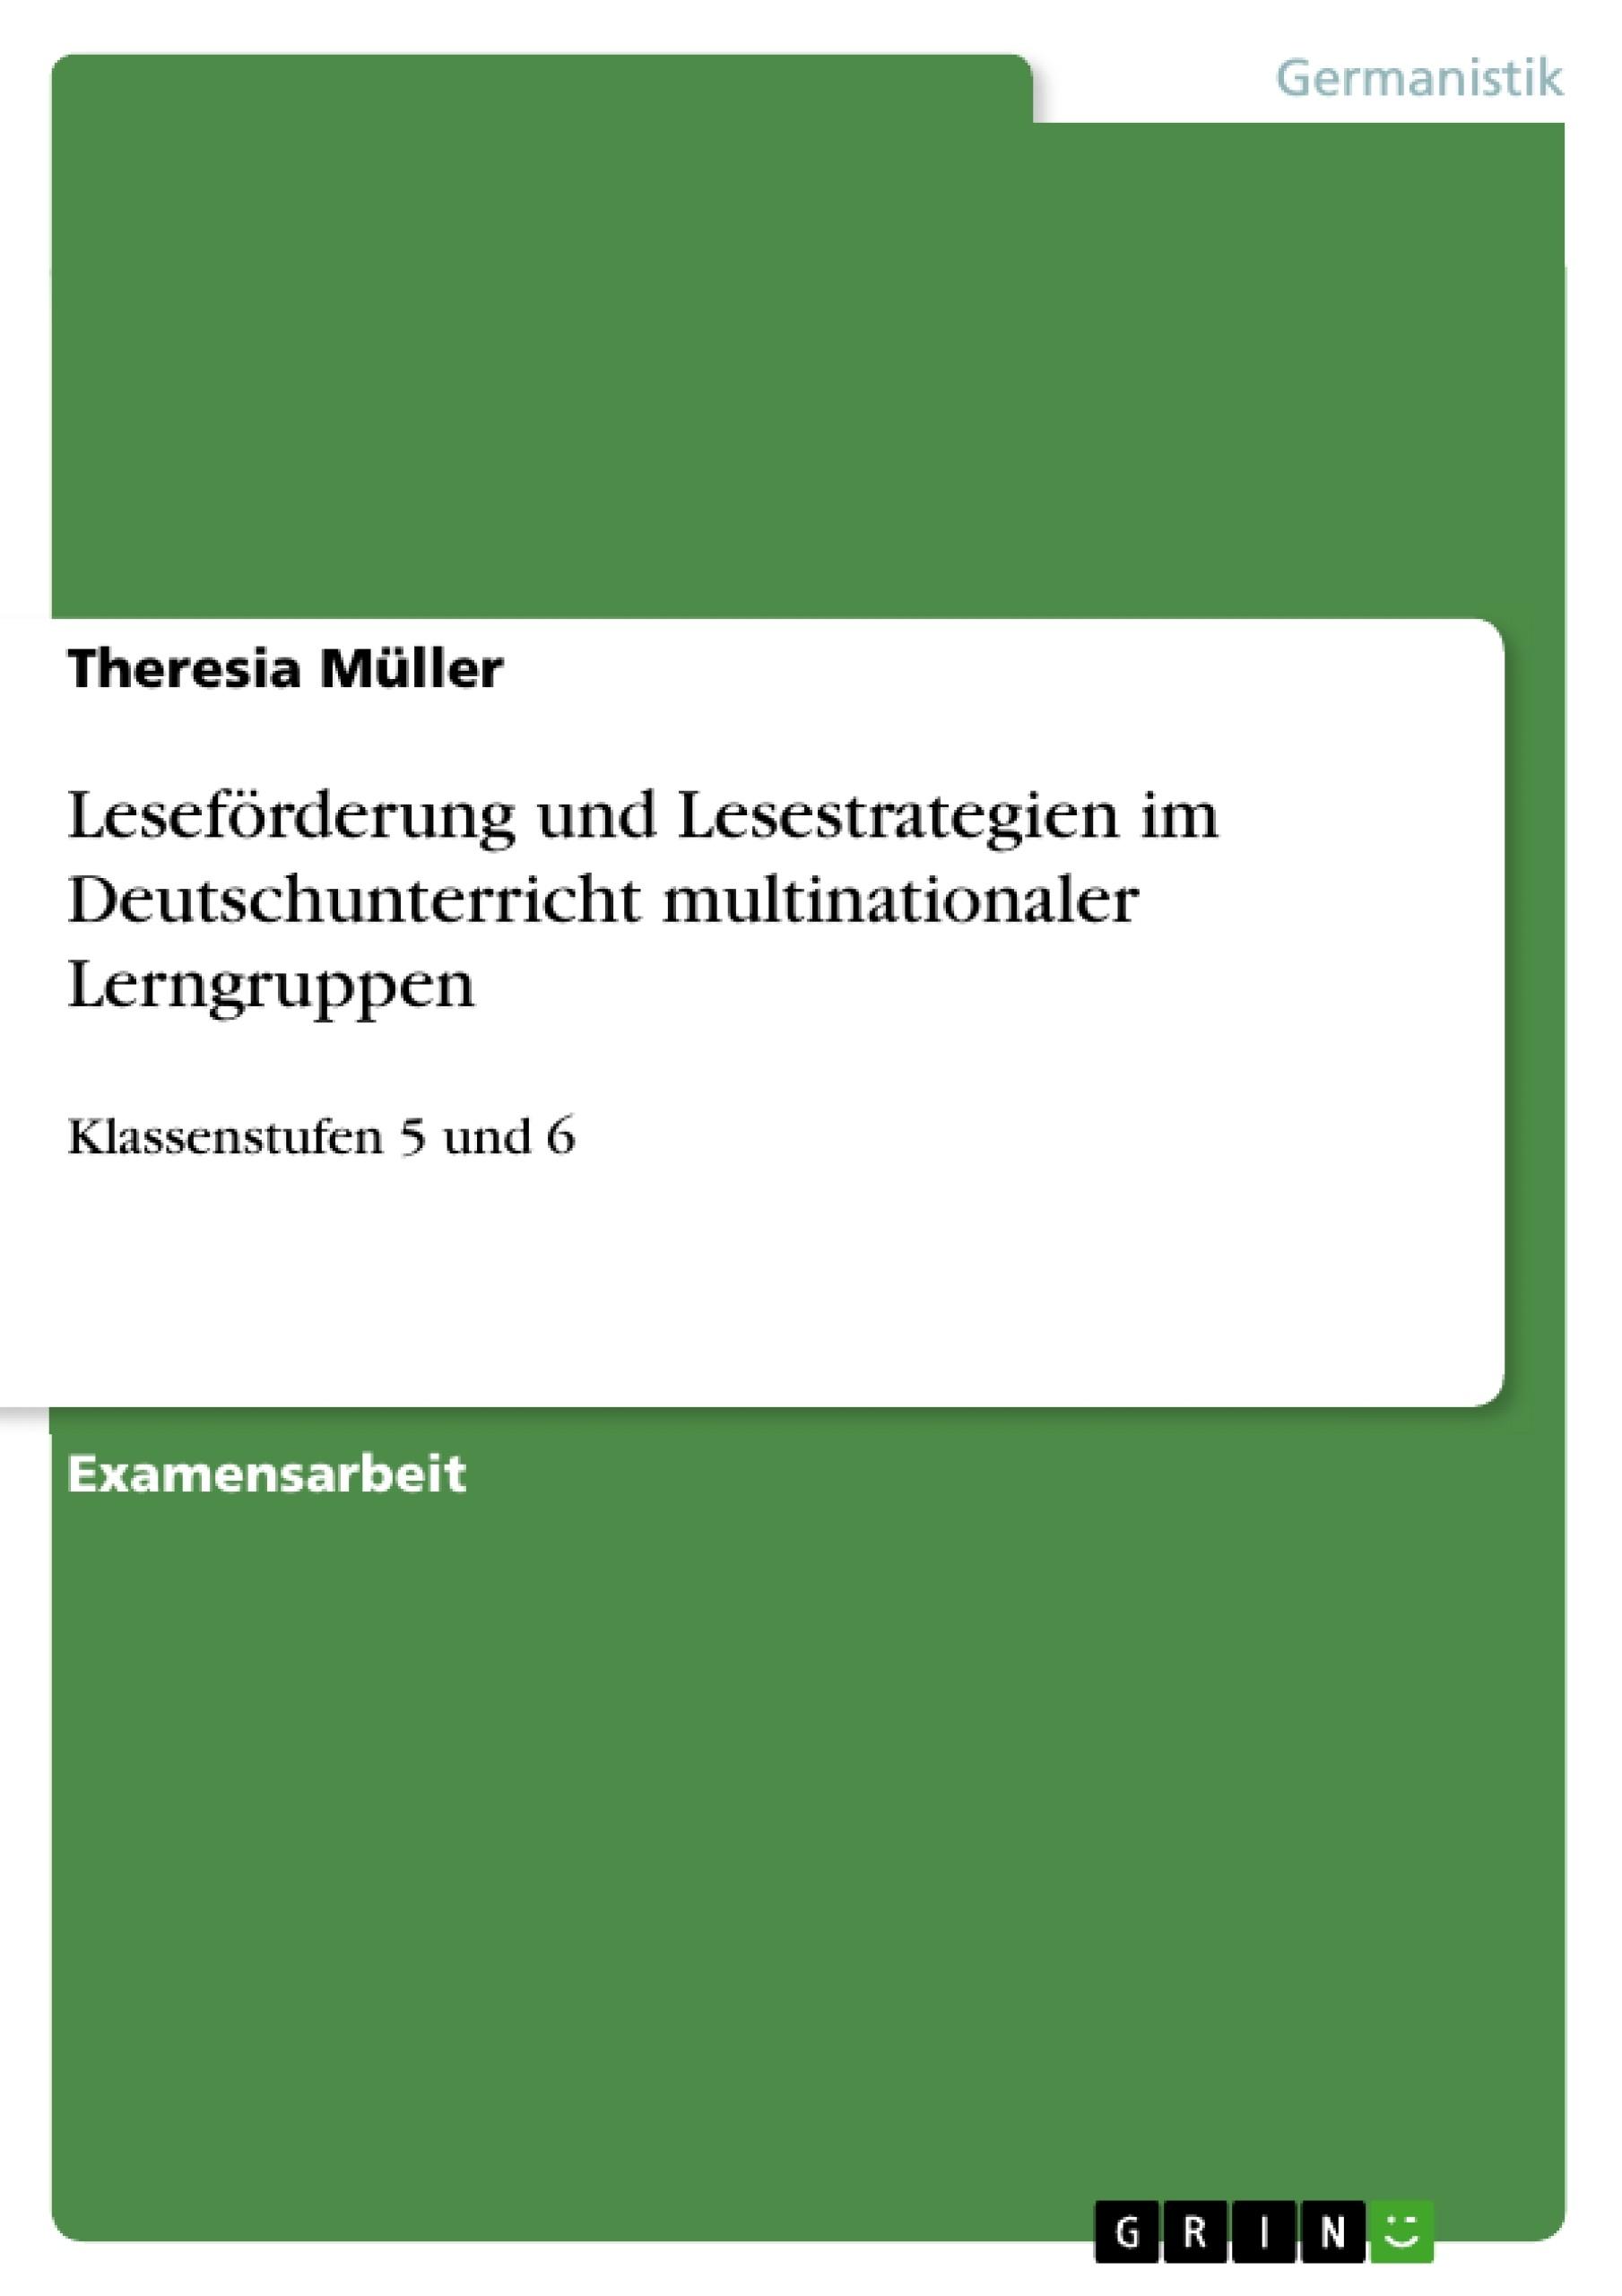 Titel: Leseförderung und Lesestrategien im Deutschunterricht multinationaler Lerngruppen